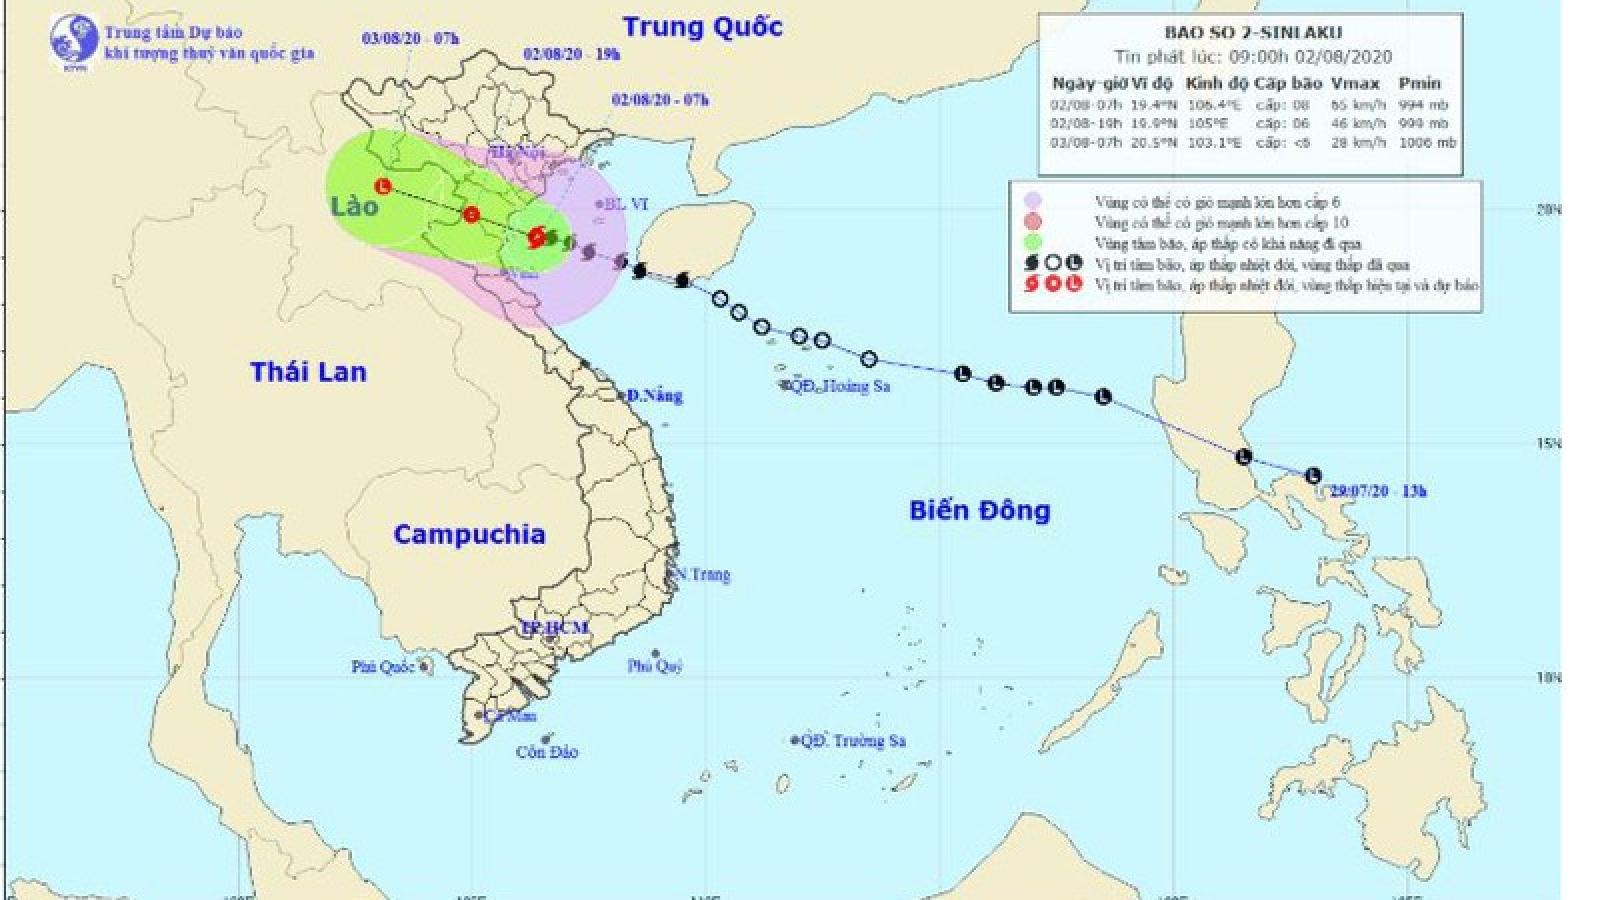 Bão số 2 giật cấp 10 sắp đổ bộ vào đất liền, mưa lớn khắp cả nước